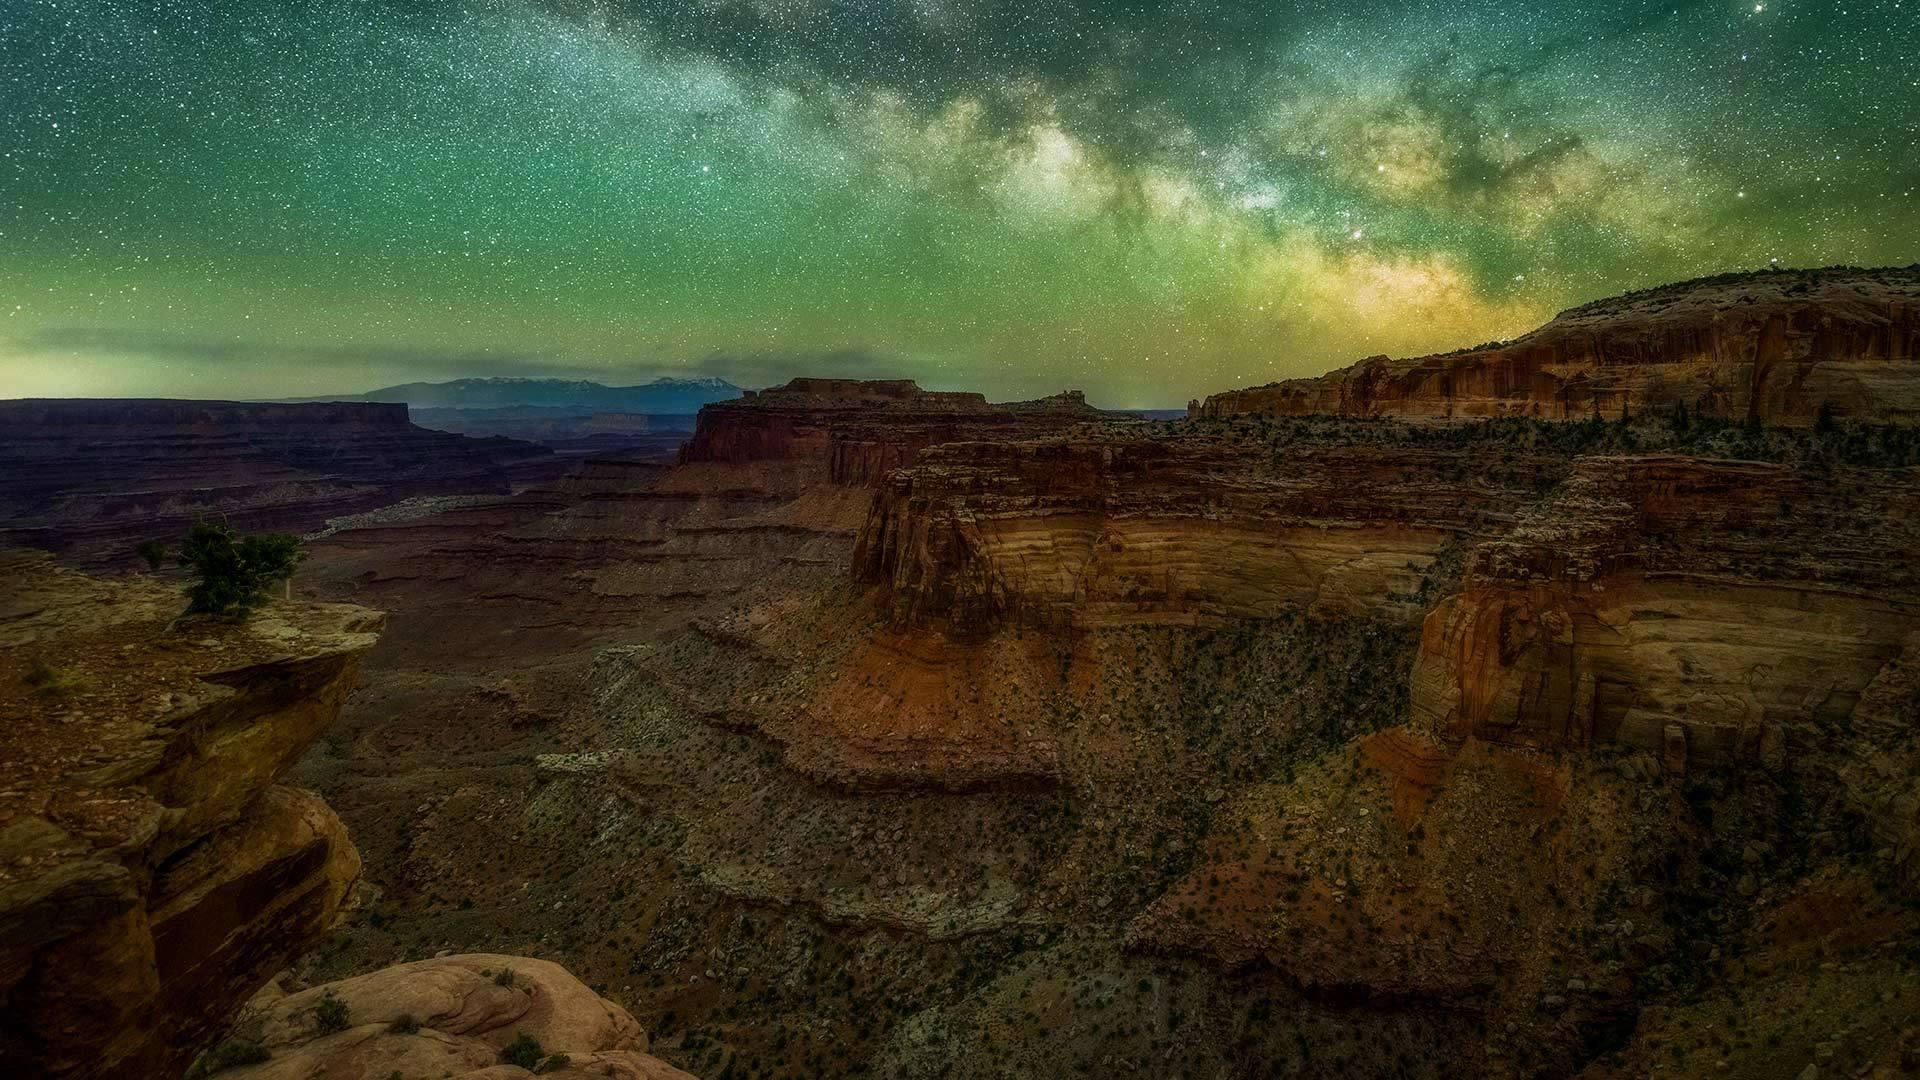 在犹他州峡谷地国家公园中看到的银河